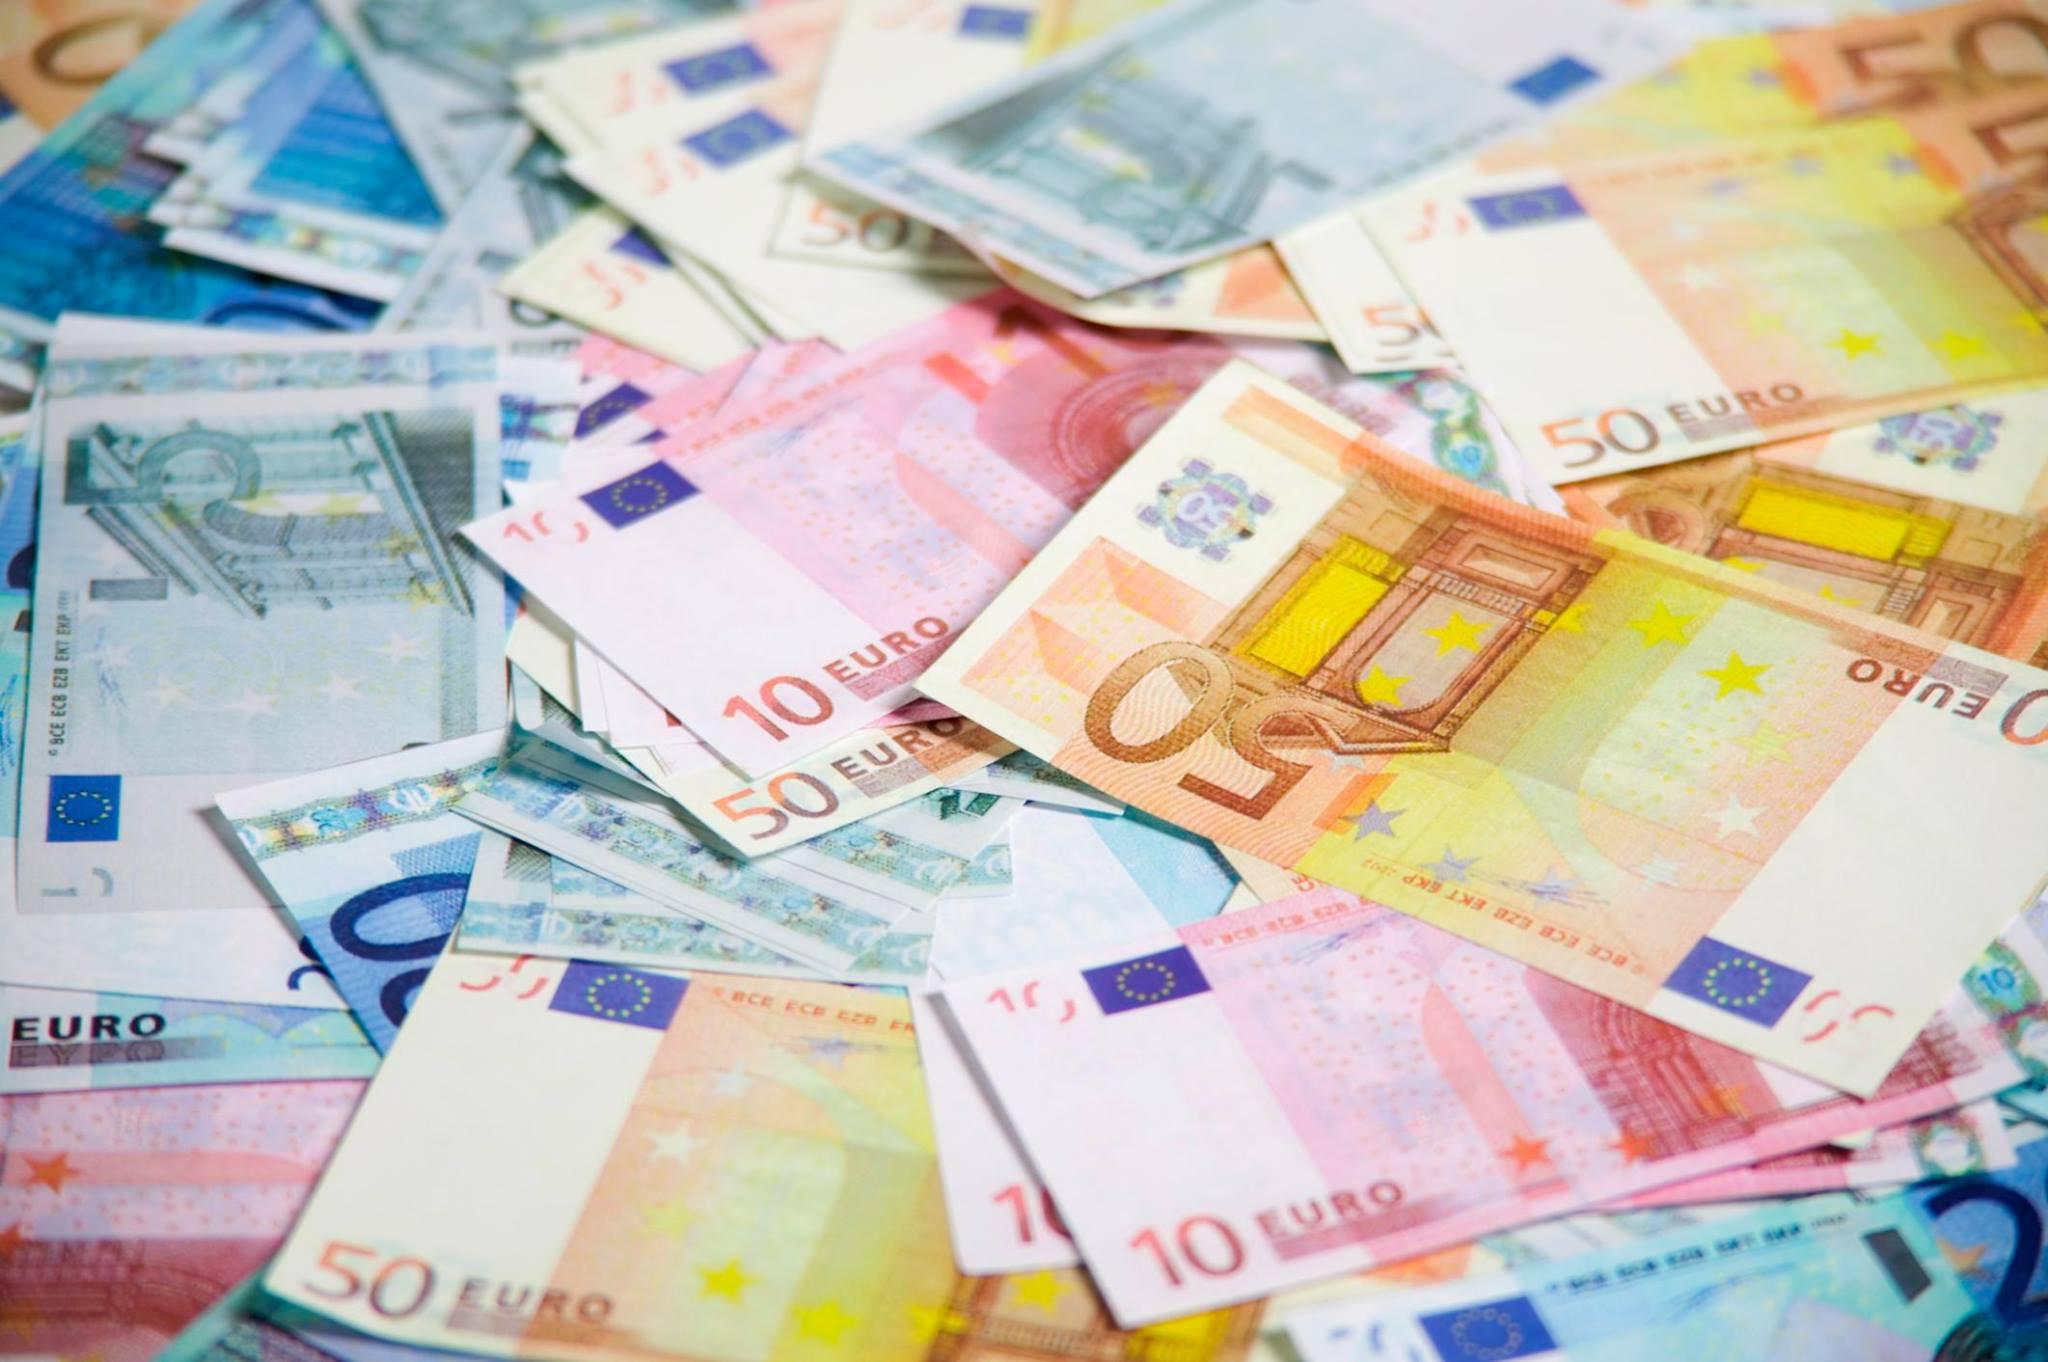 dinheiro_2.jpg